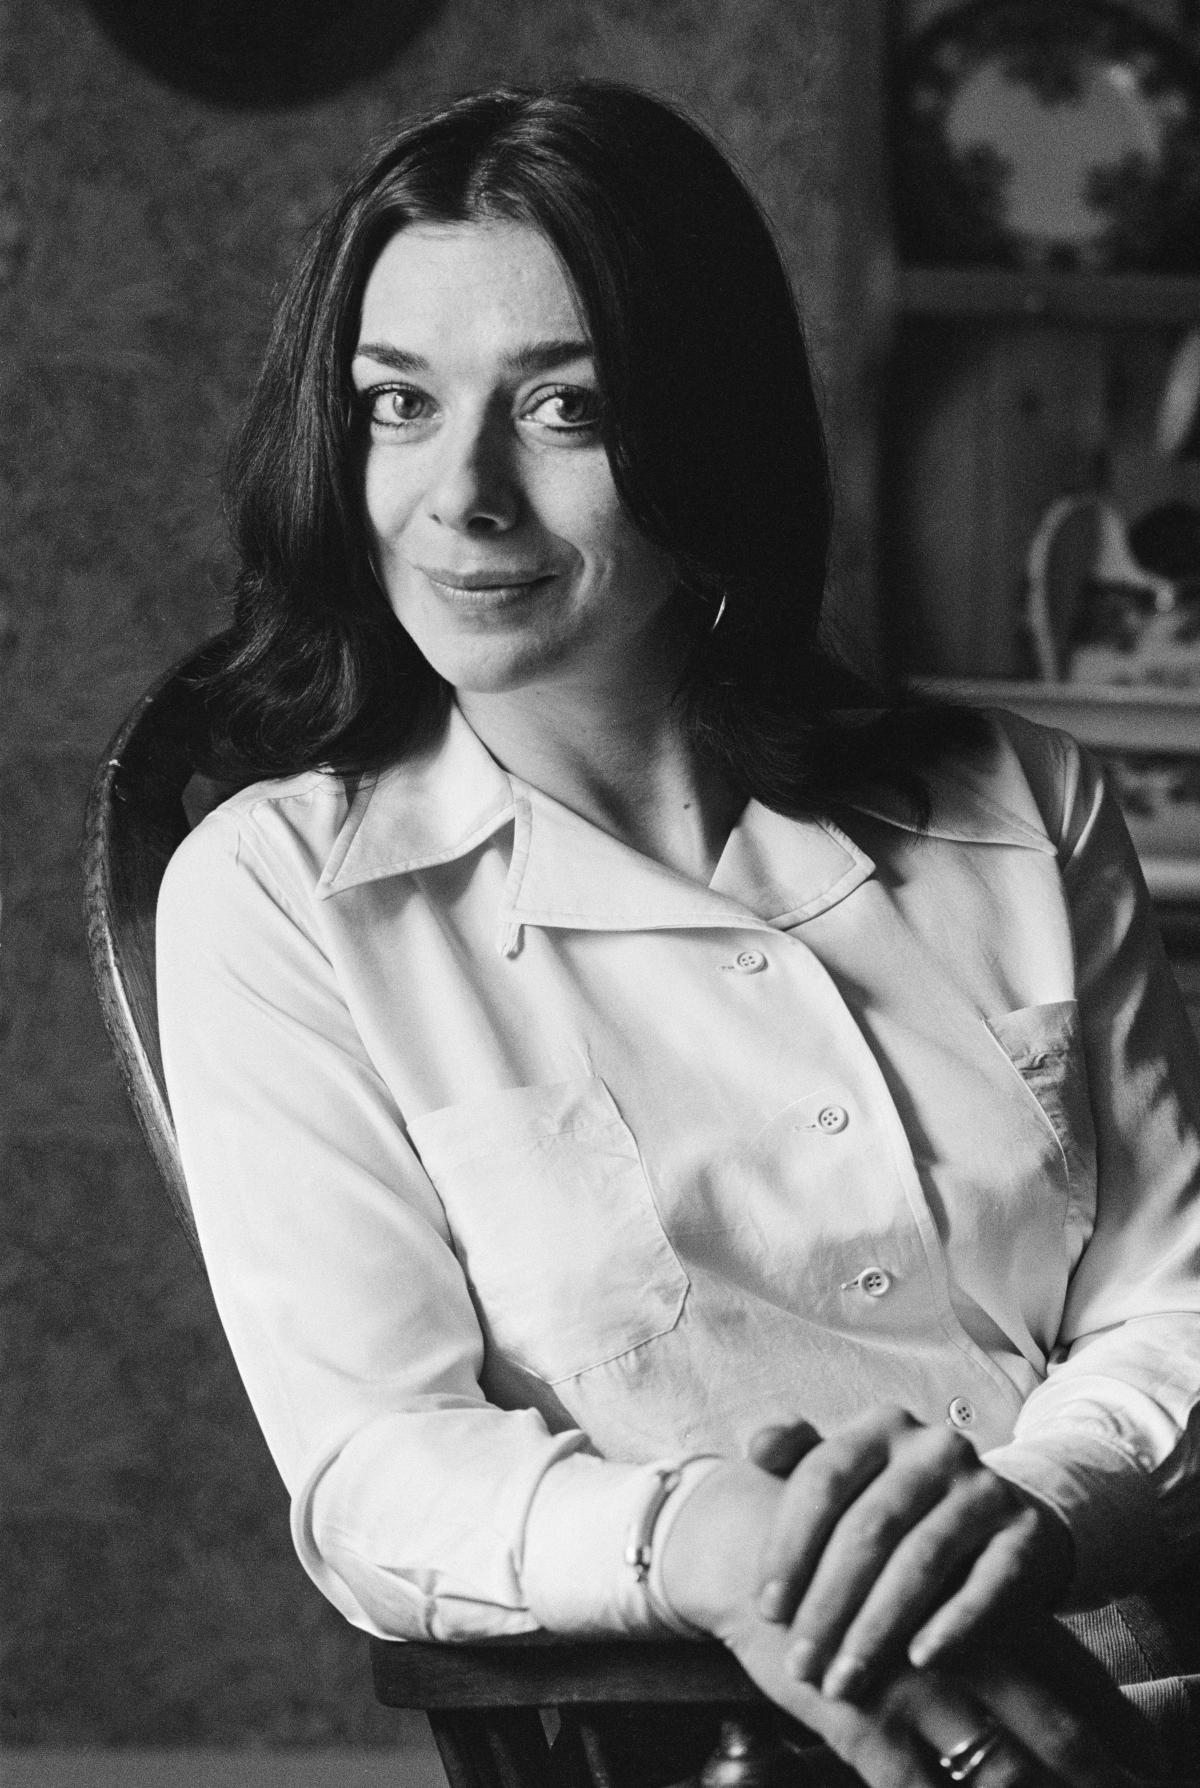 Lovi Poe (b. 1990) picture